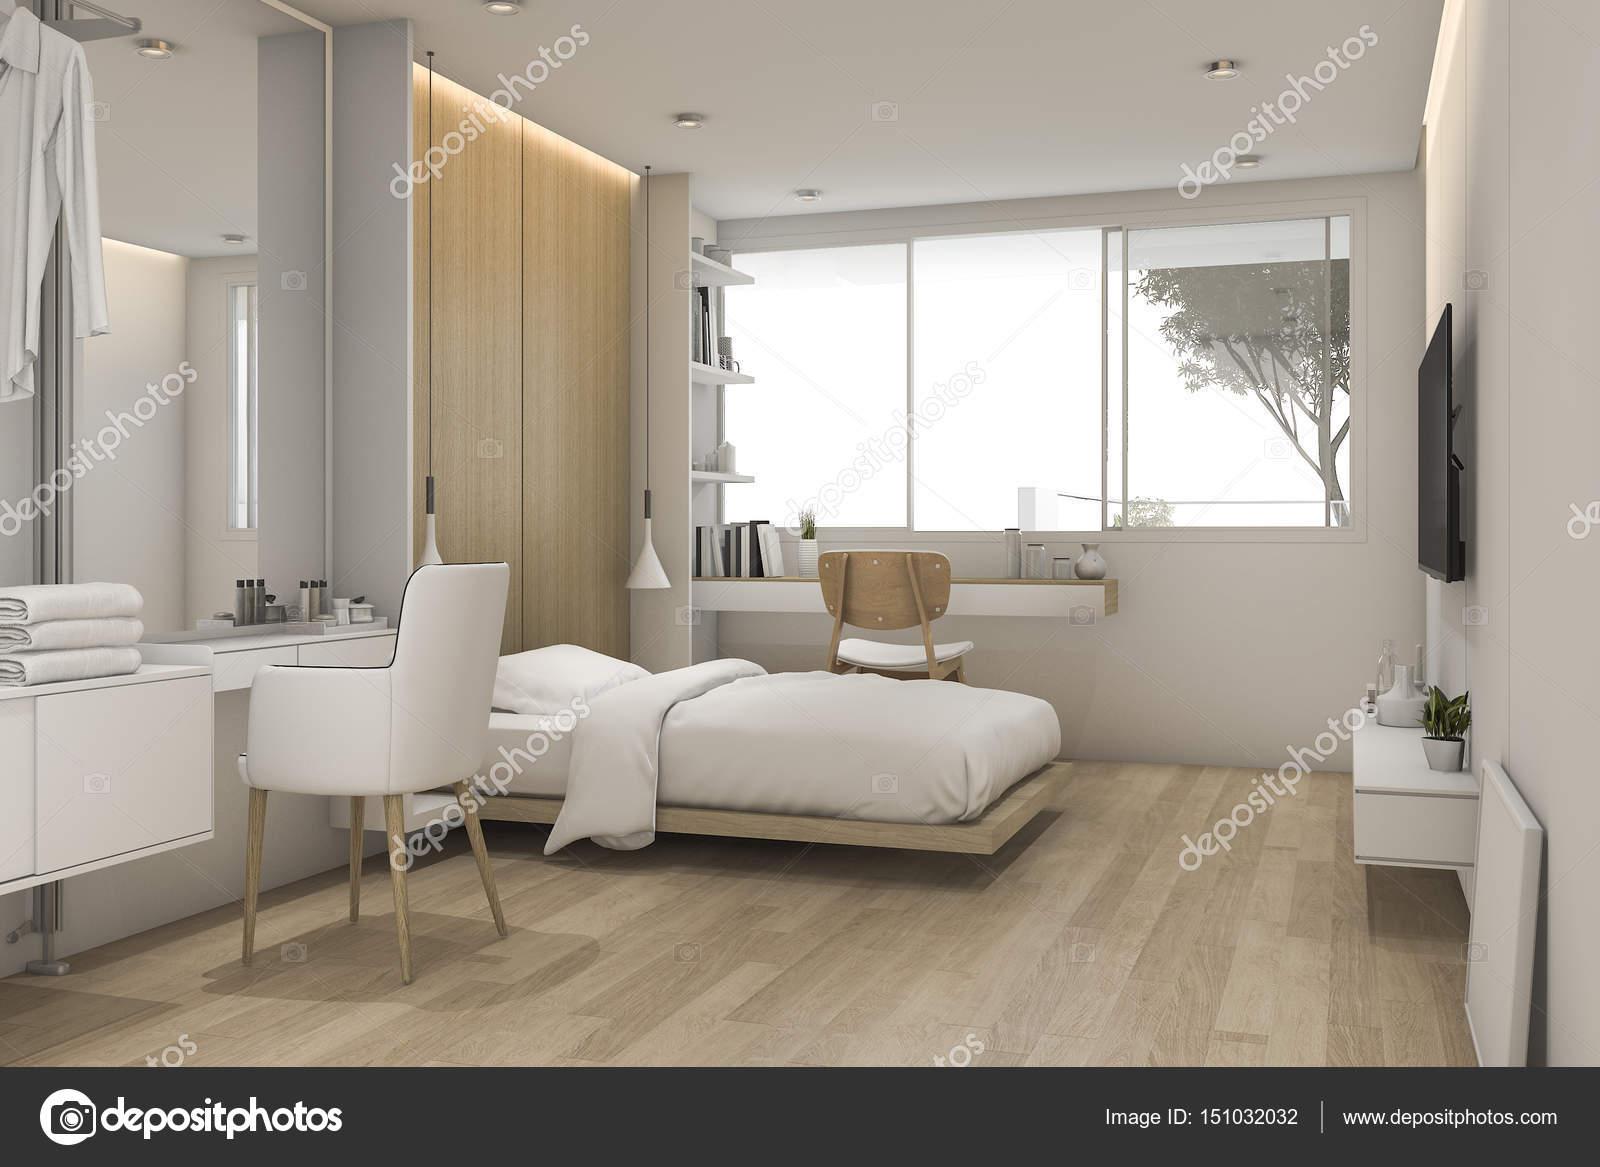 Schlafzimmer Tisch | 3d Rendering Weisse Schlafzimmer Mit Make Up Tisch In Der Nahe Von